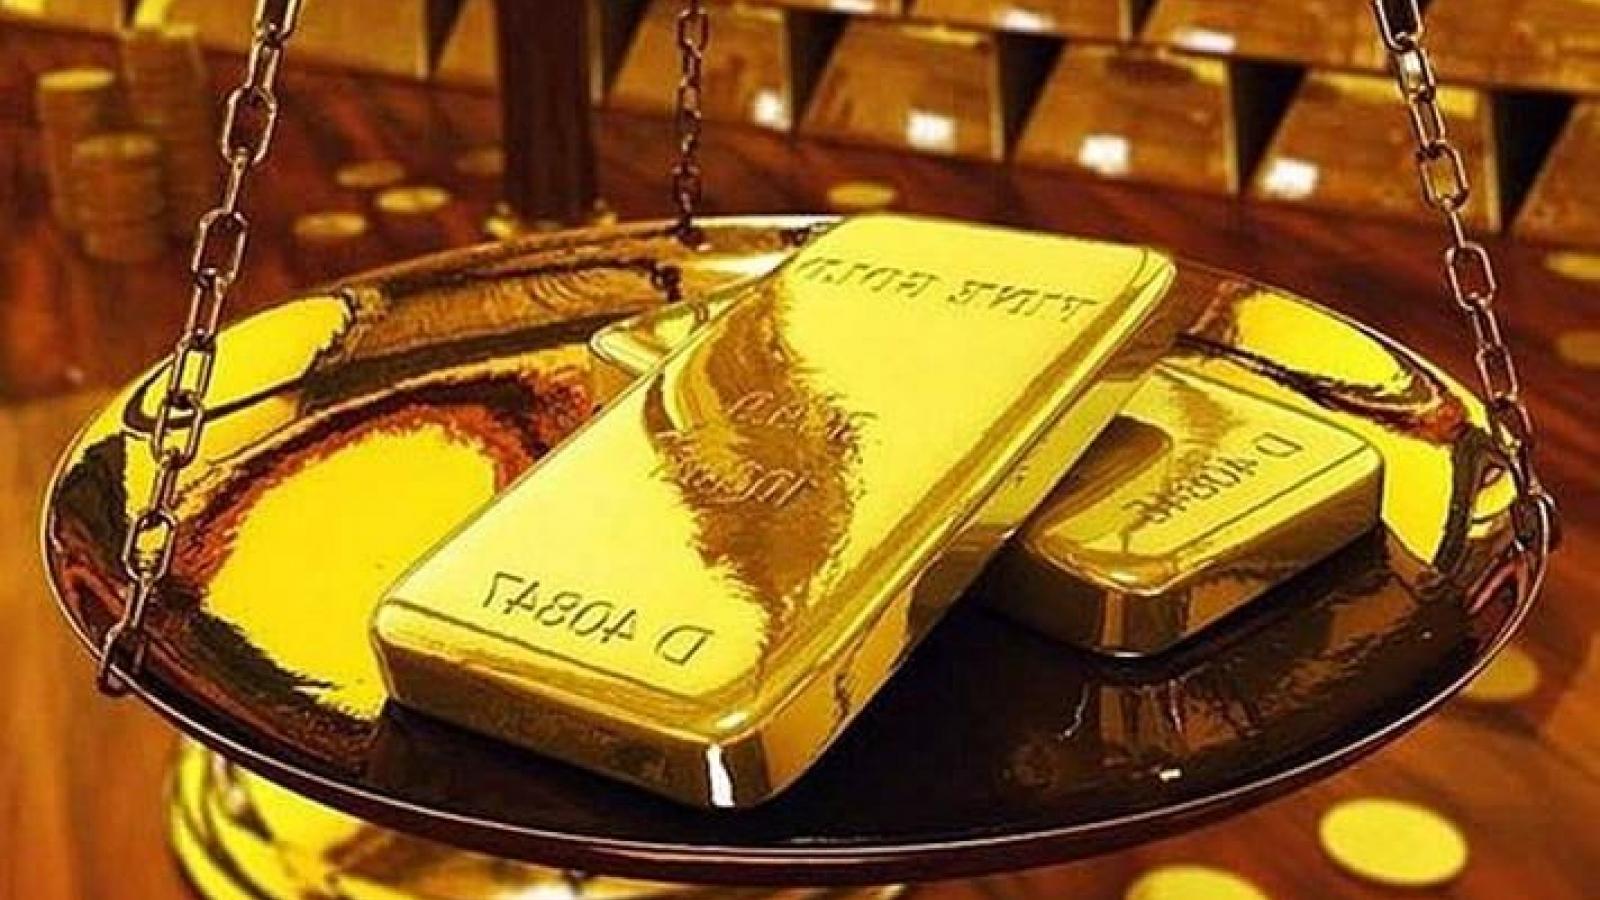 Giá vàng trong nước đi ngang, giá thế giới giảm nhẹ